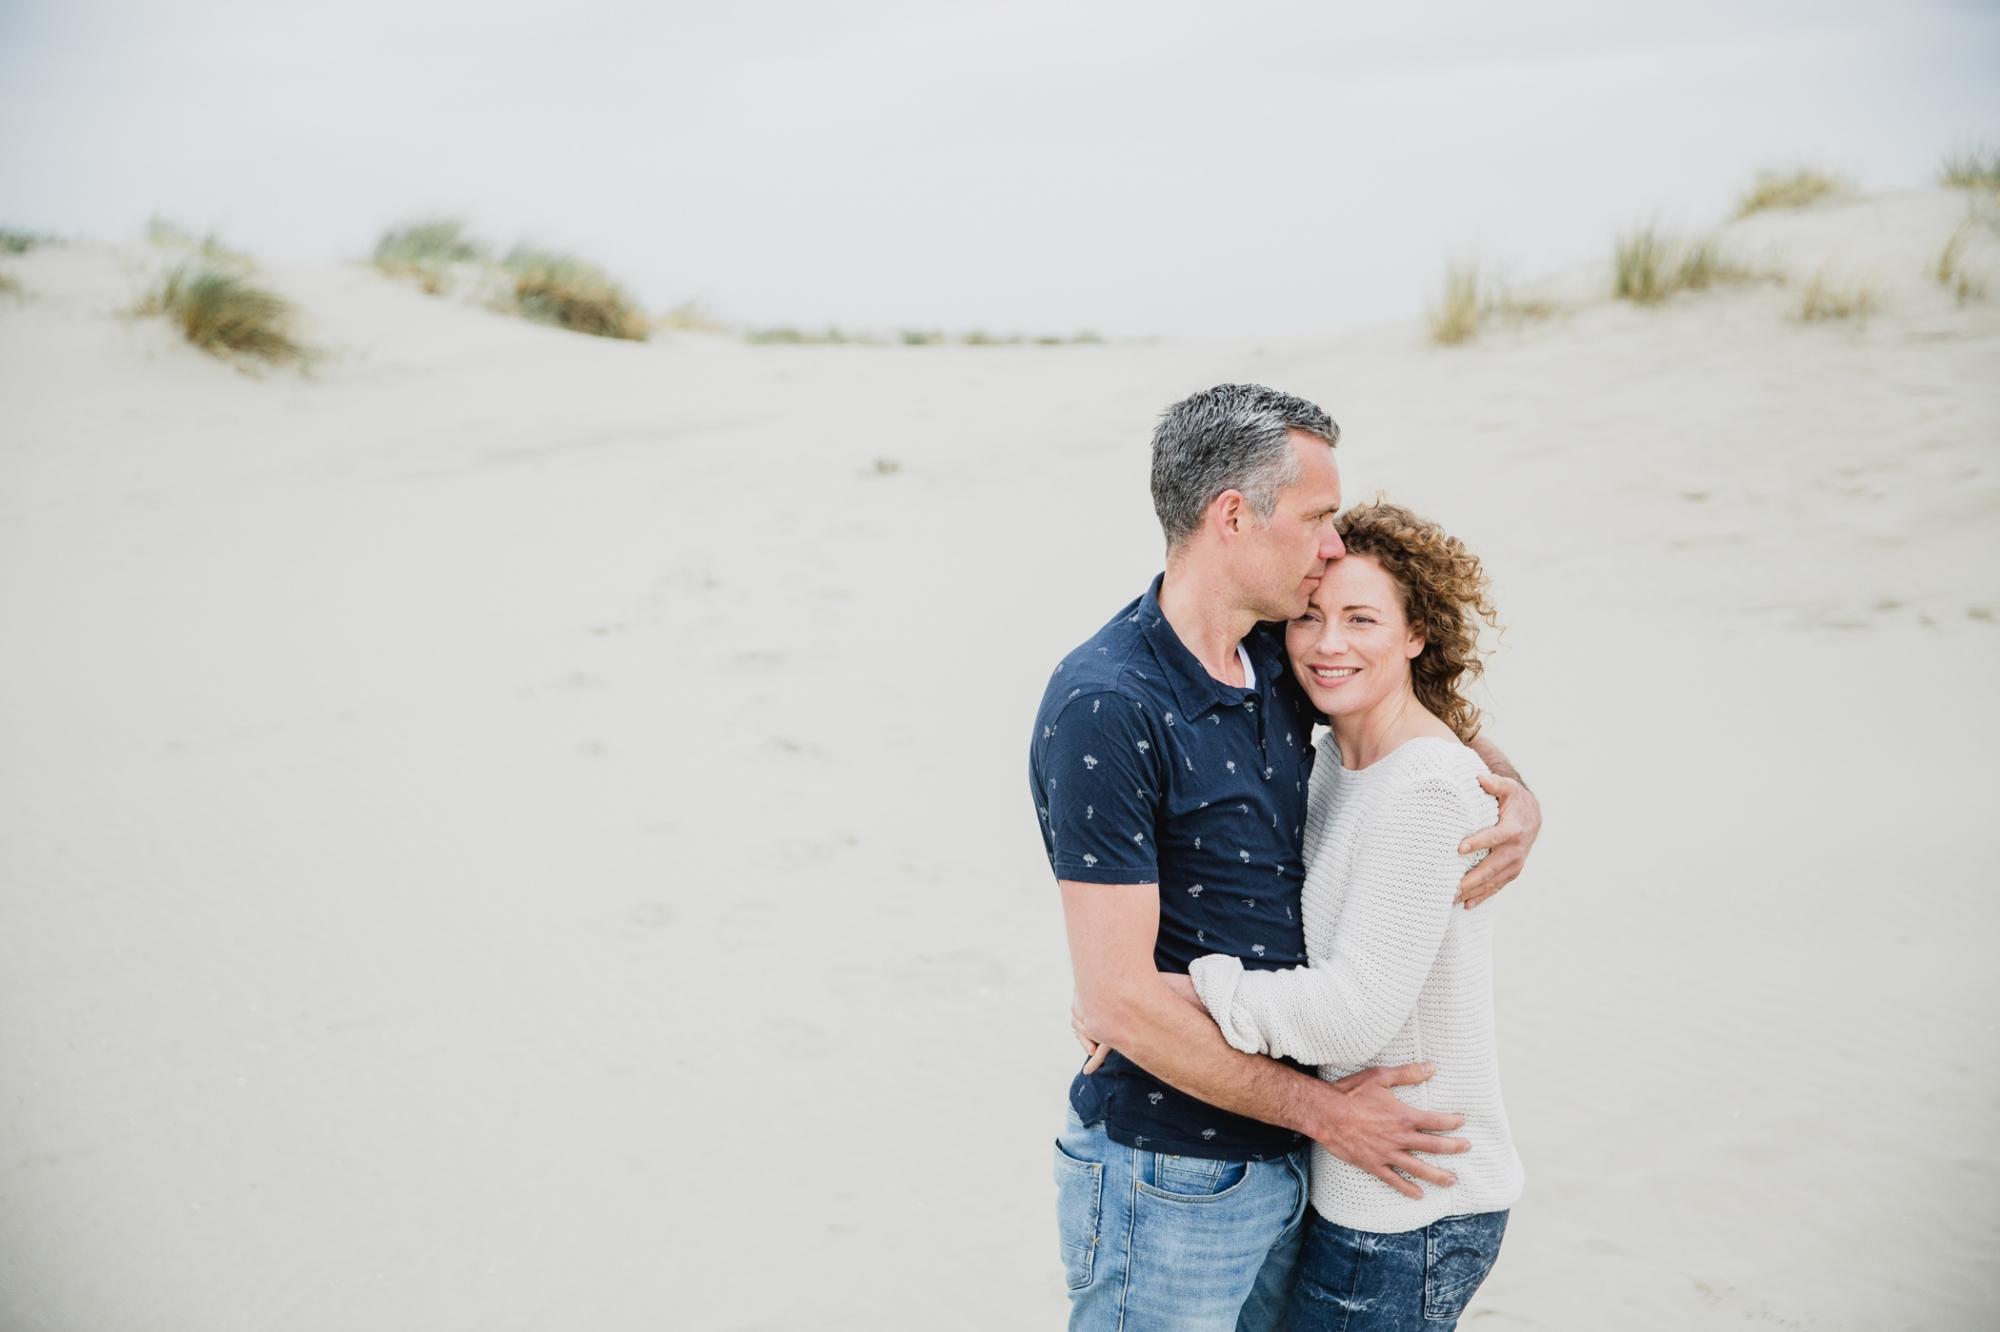 Branding fotografie familie fotoshoot Wijk aan Zee – Family